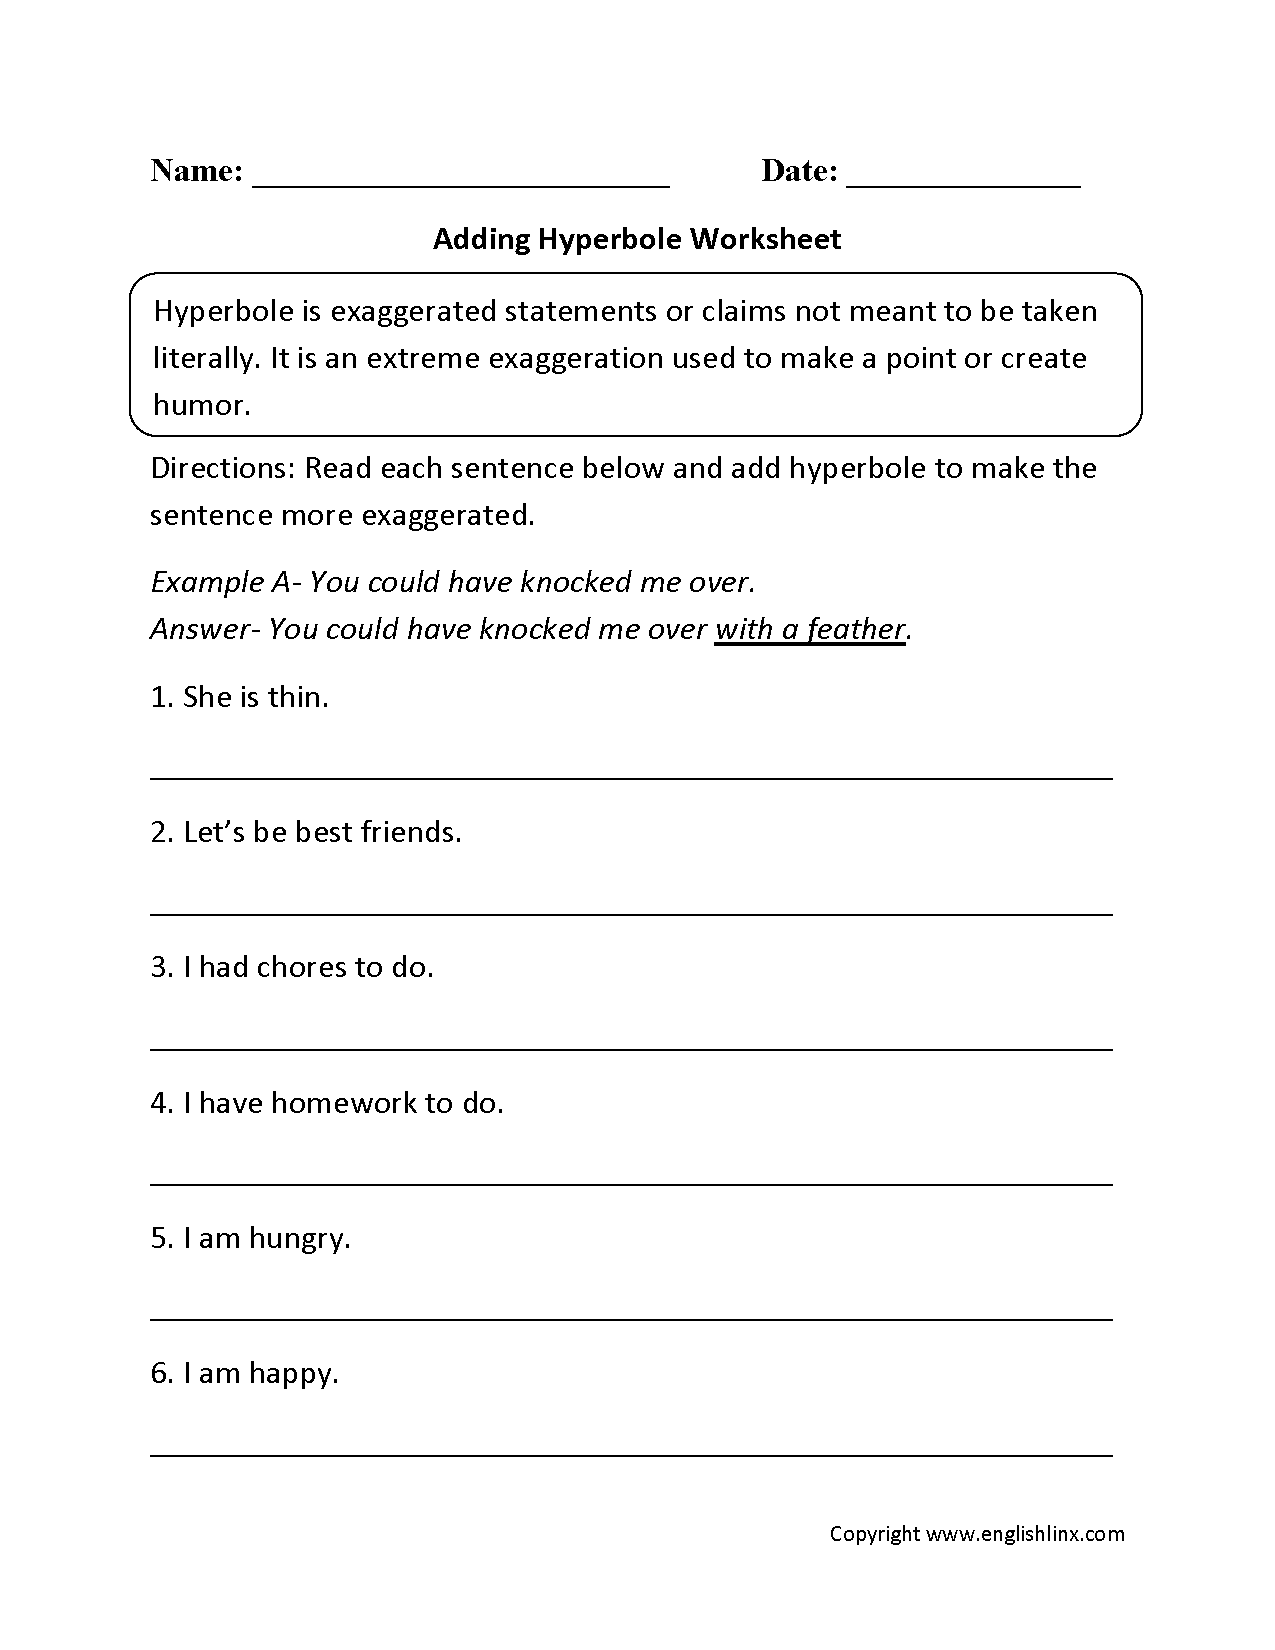 Hyperbole Worksheets What Is Hyperbole Hyperbole Is